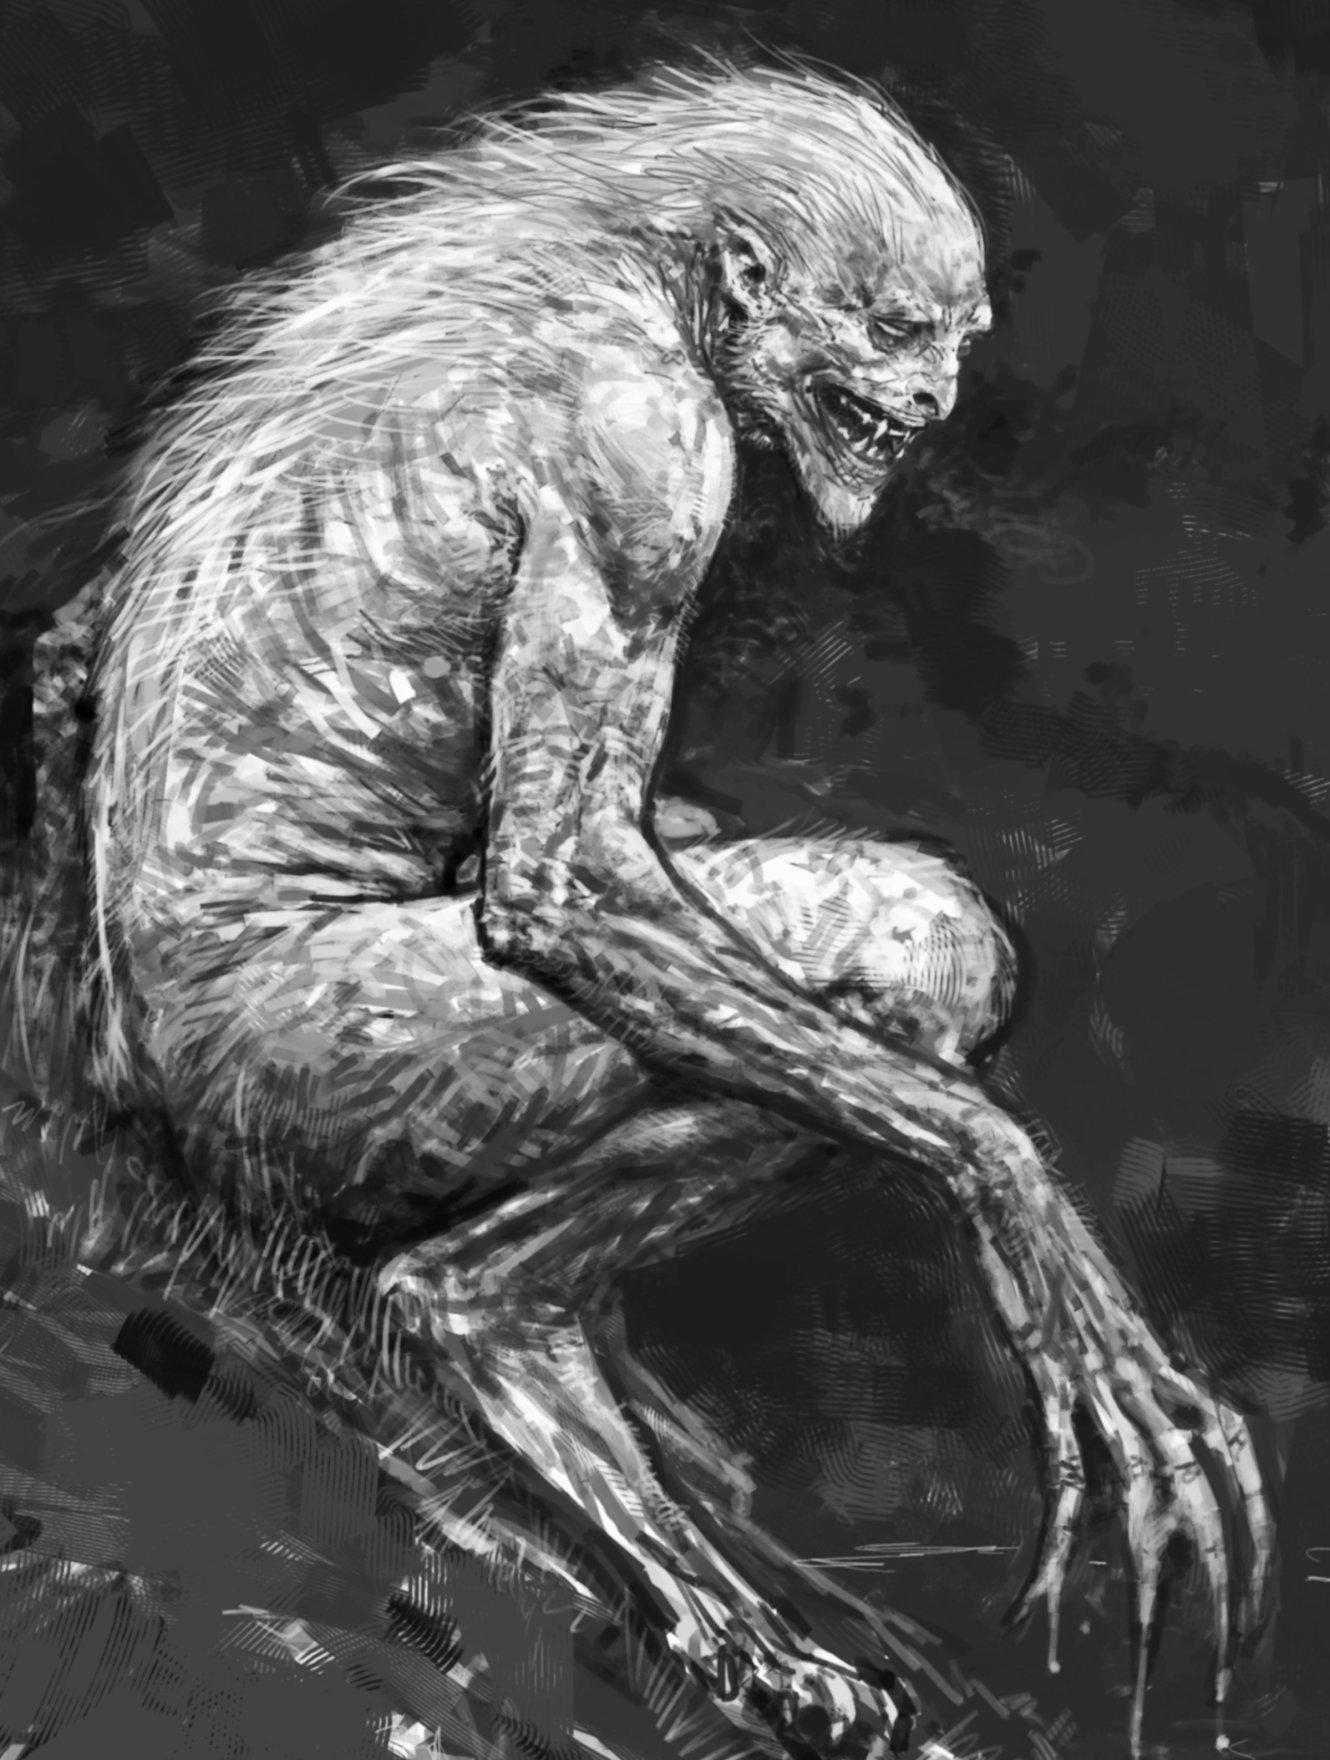 Description of a werewolf?